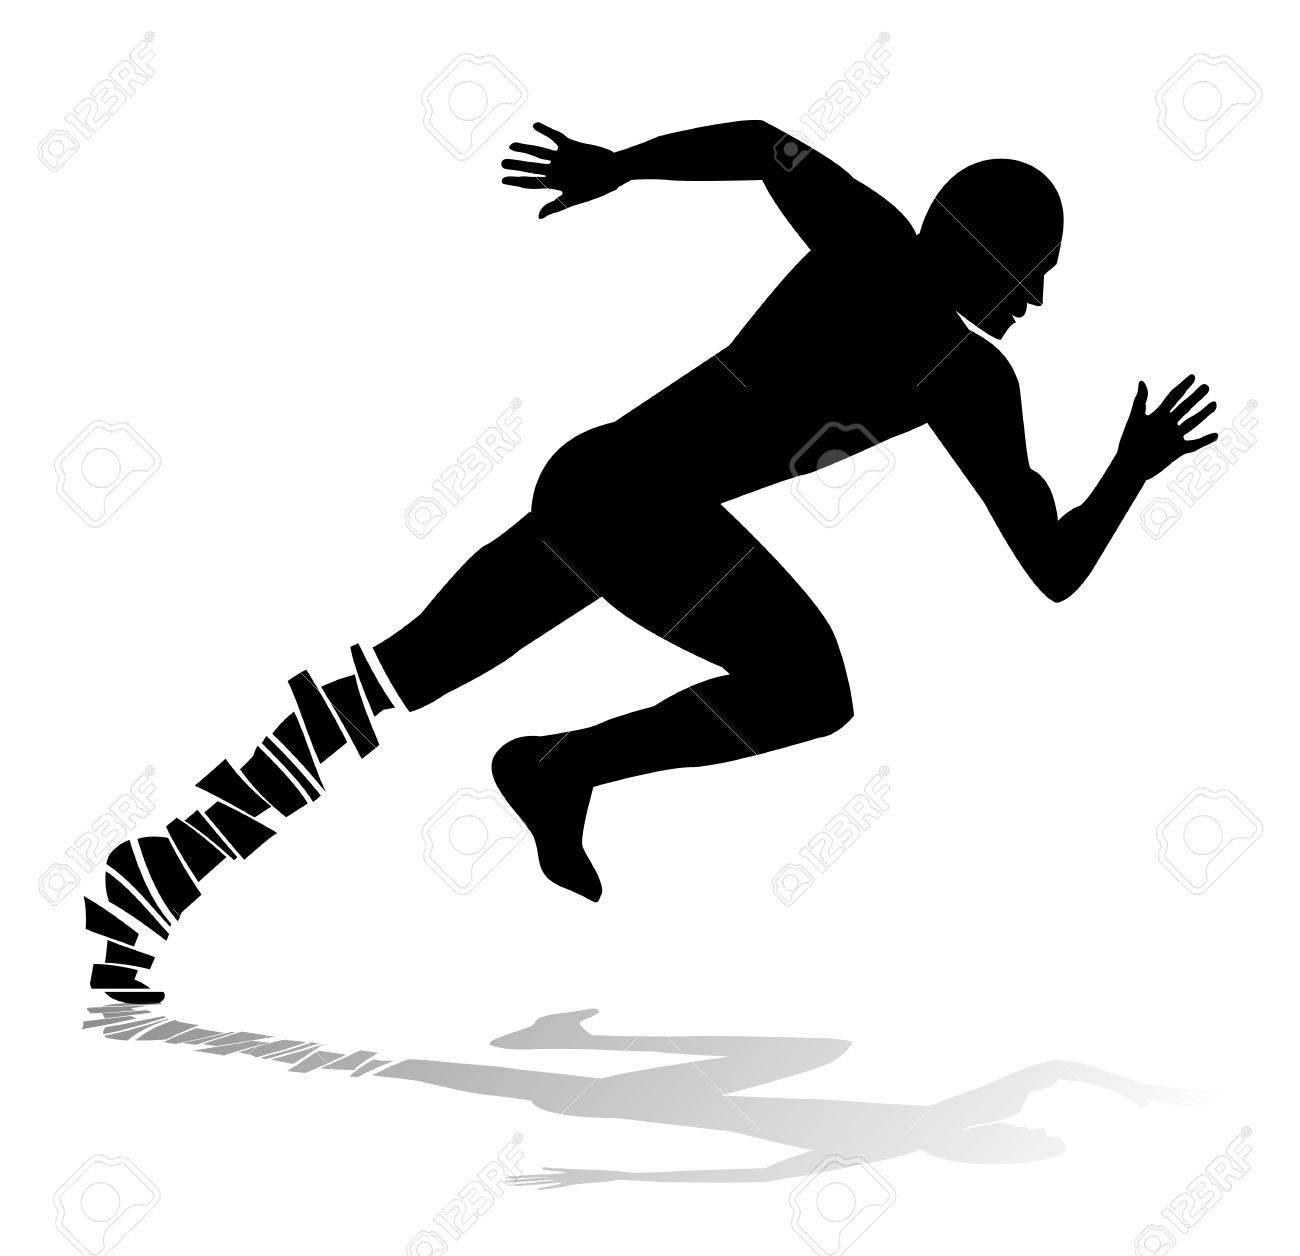 走っている人の抽象的なシルエットのイラスト素材ベクタ Image 31395560